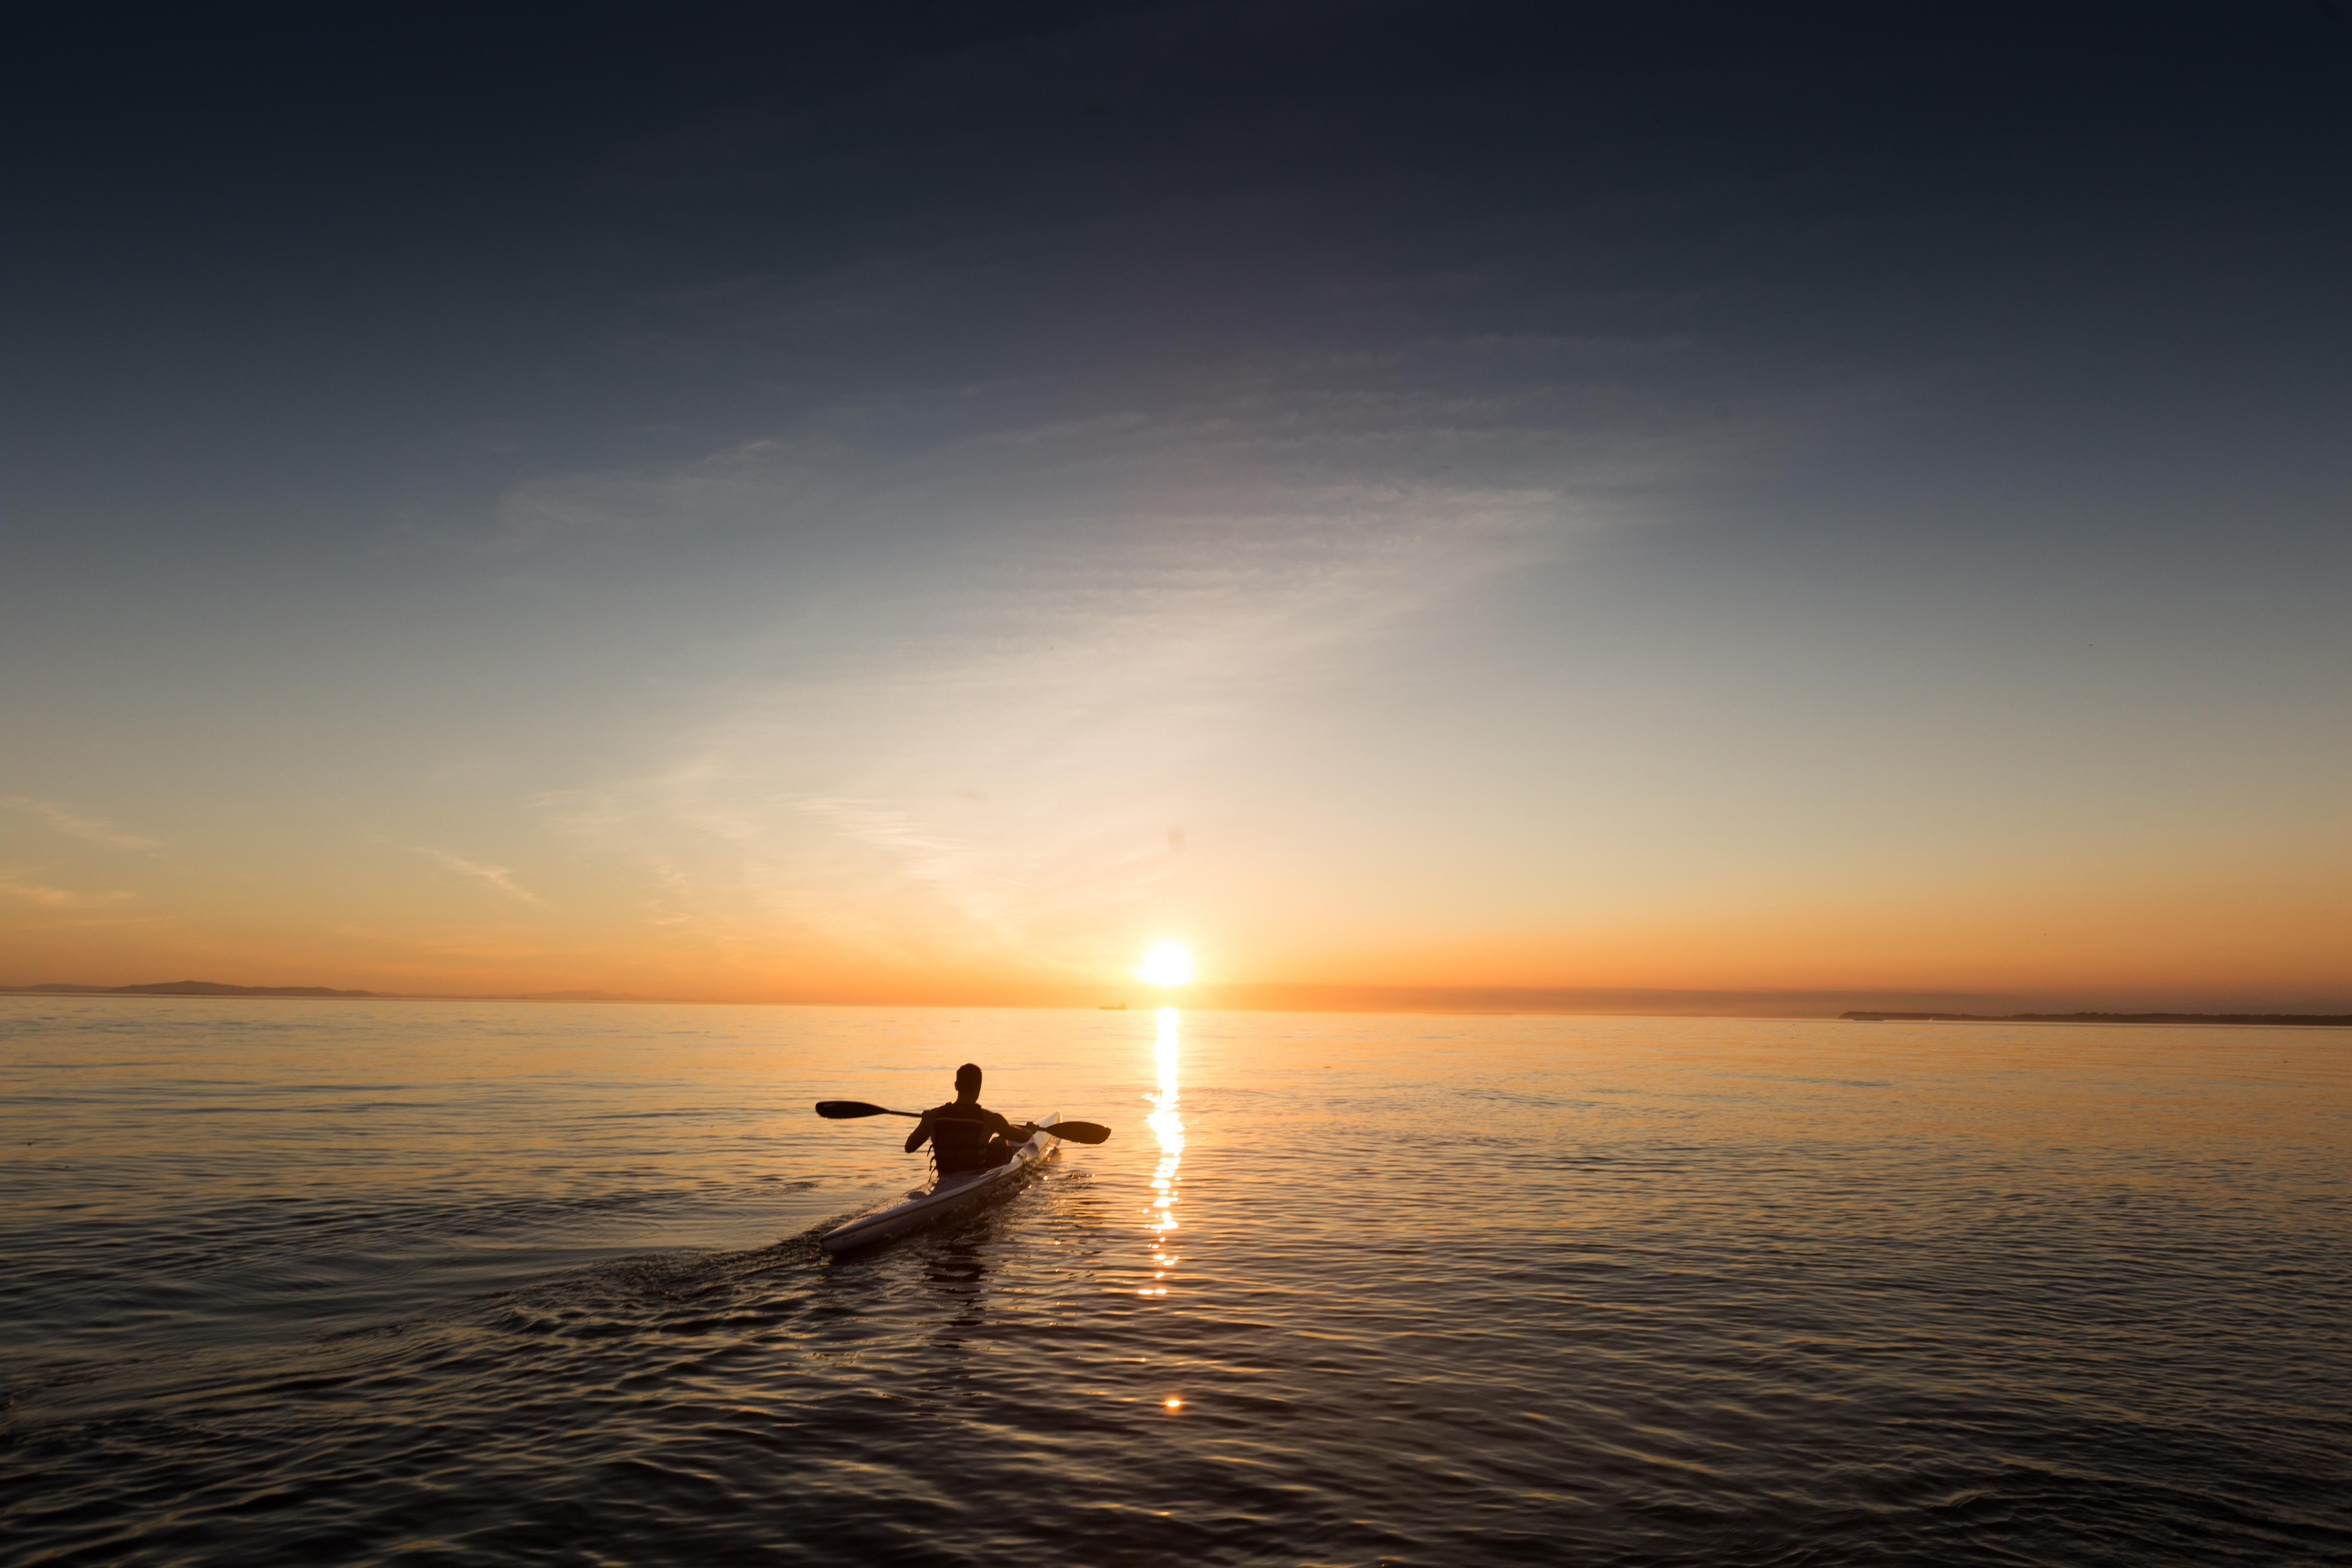 Kayaking at sunset, kayak, lake, water, sunset, horizon, dusk, sky, landscape, nature, outdoors, people